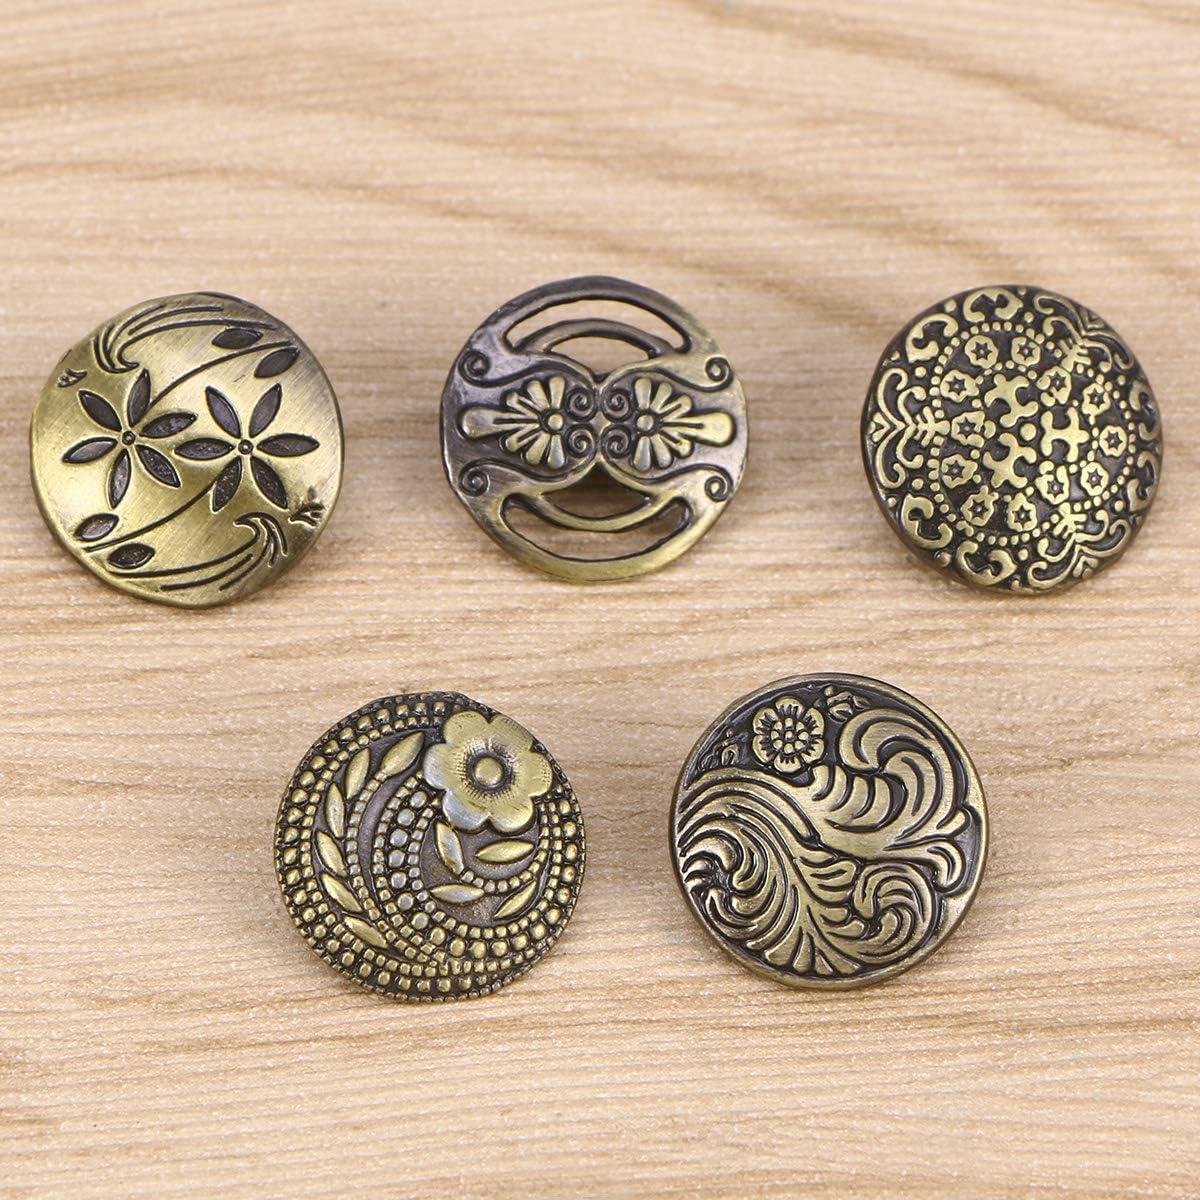 supvox Botones Vintage Botones decorativos mixtos Retro Bronce antiguo grabado con forma de Flor Botones Cuadrados redondos para costura y elaboraci/ón 50/piezas